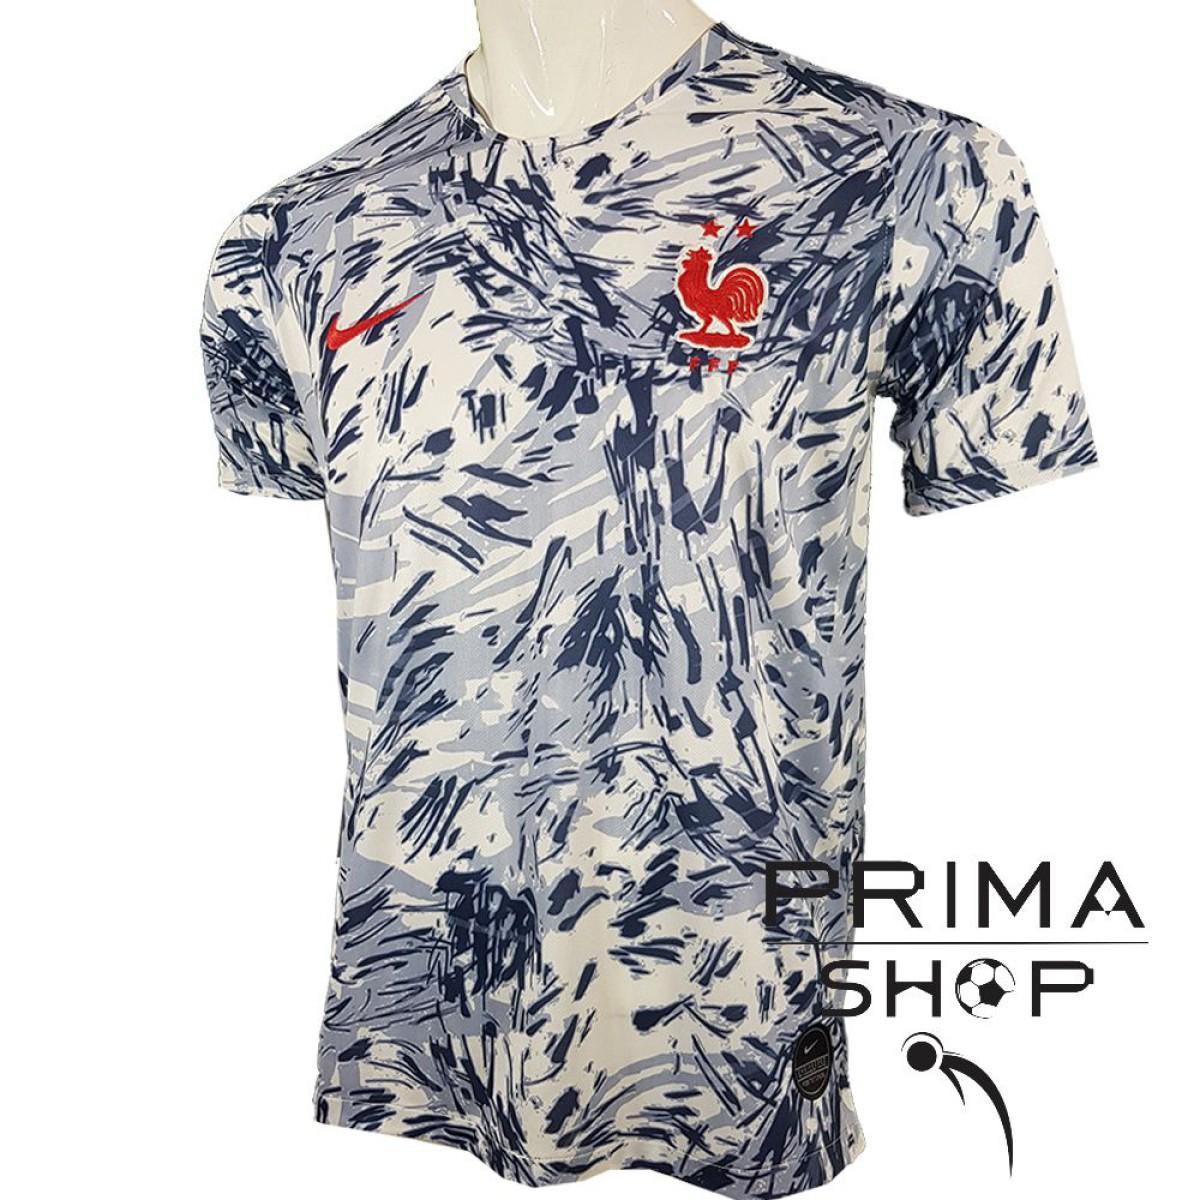 لباس تمرینی فرانسه 2020 | لباس تمرینی  تیم ملی فرانسه